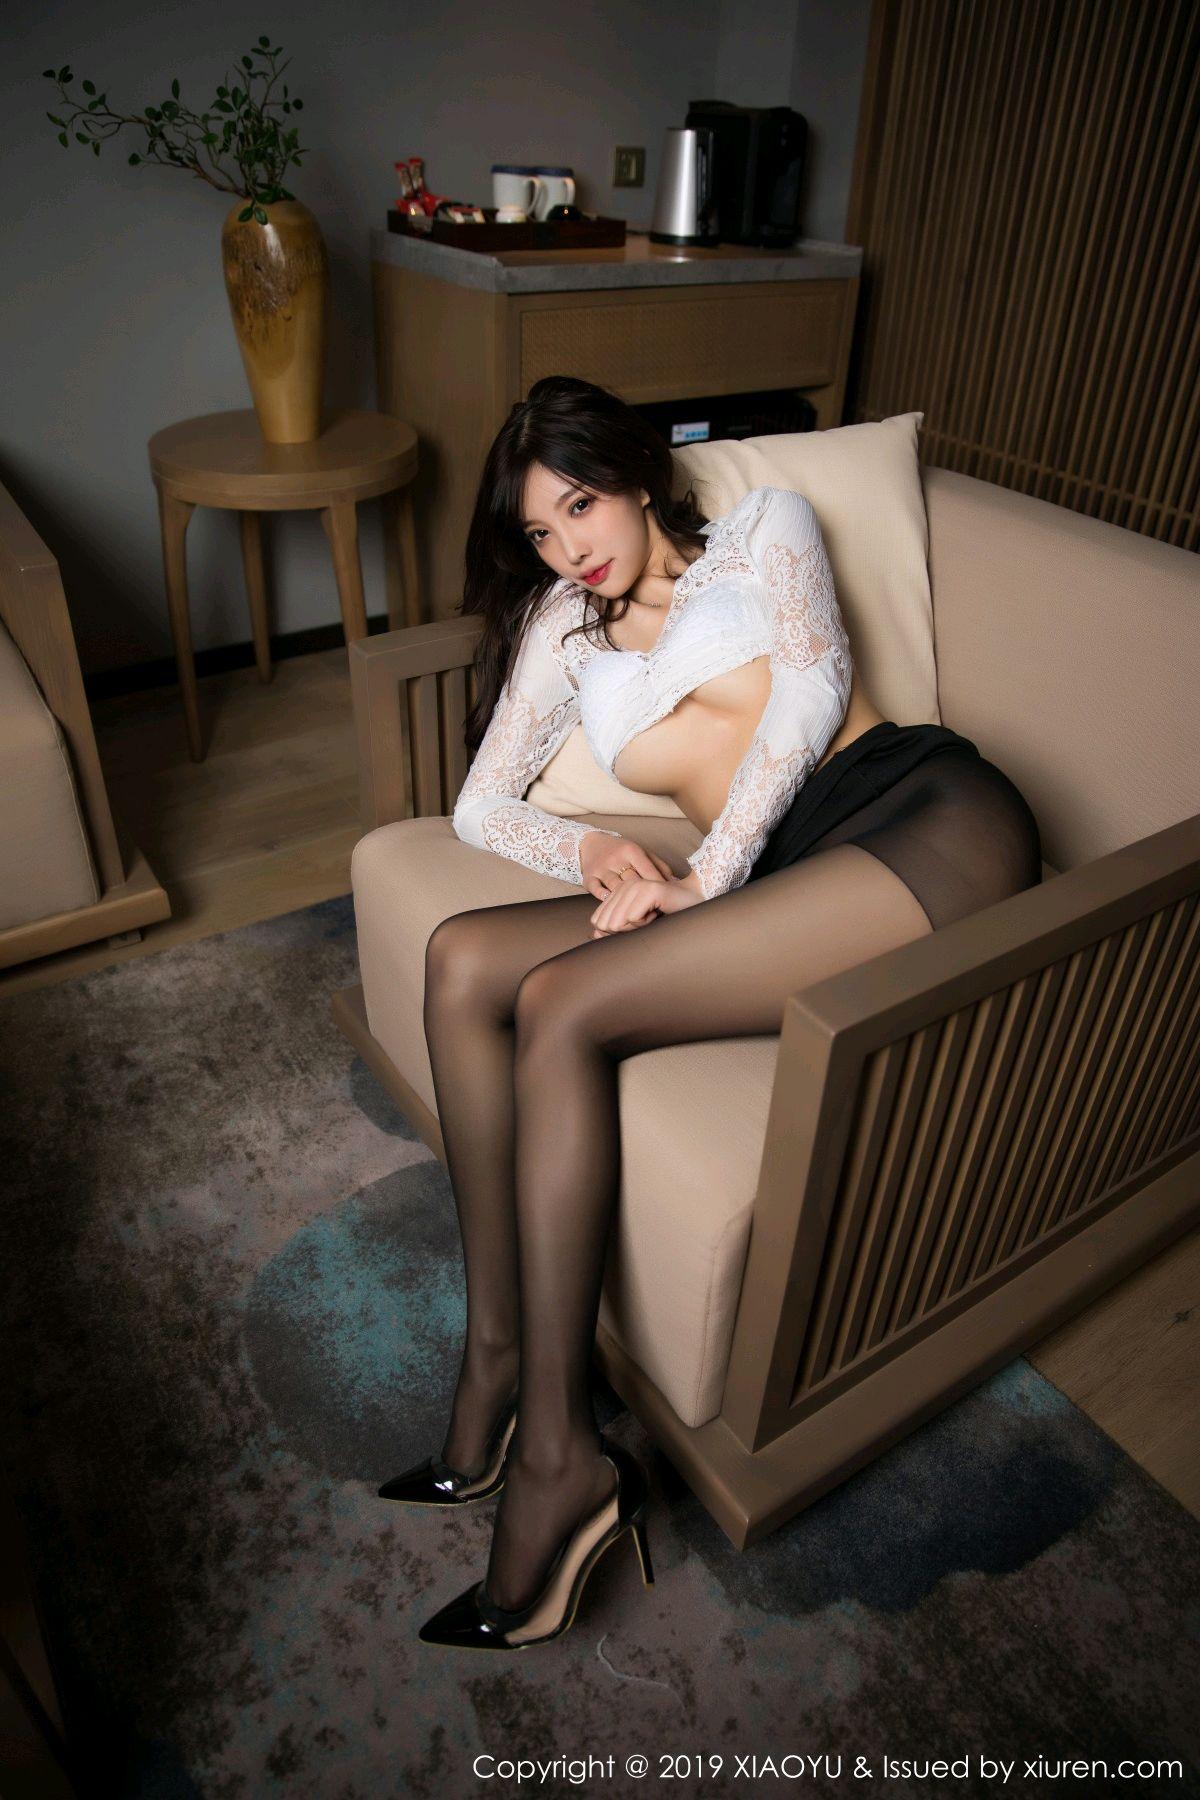 [XiaoYu] Vol.048 Yang Chen Chen 4P, Black Silk, Tall, XiaoYu, Yang Chen Chen